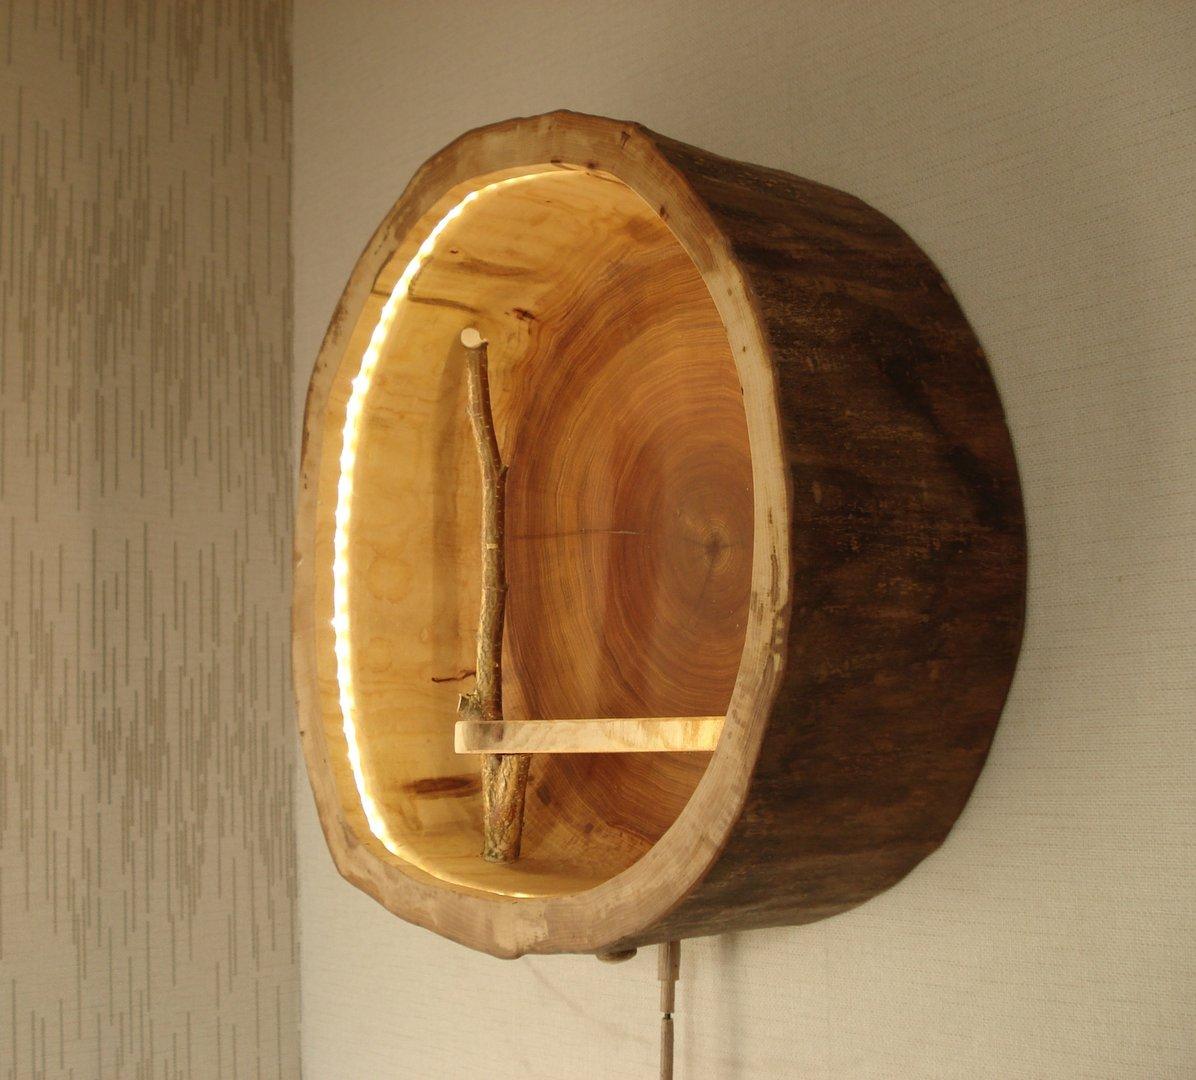 wandlampe kaufen nat rlich massiv kreativ. Black Bedroom Furniture Sets. Home Design Ideas